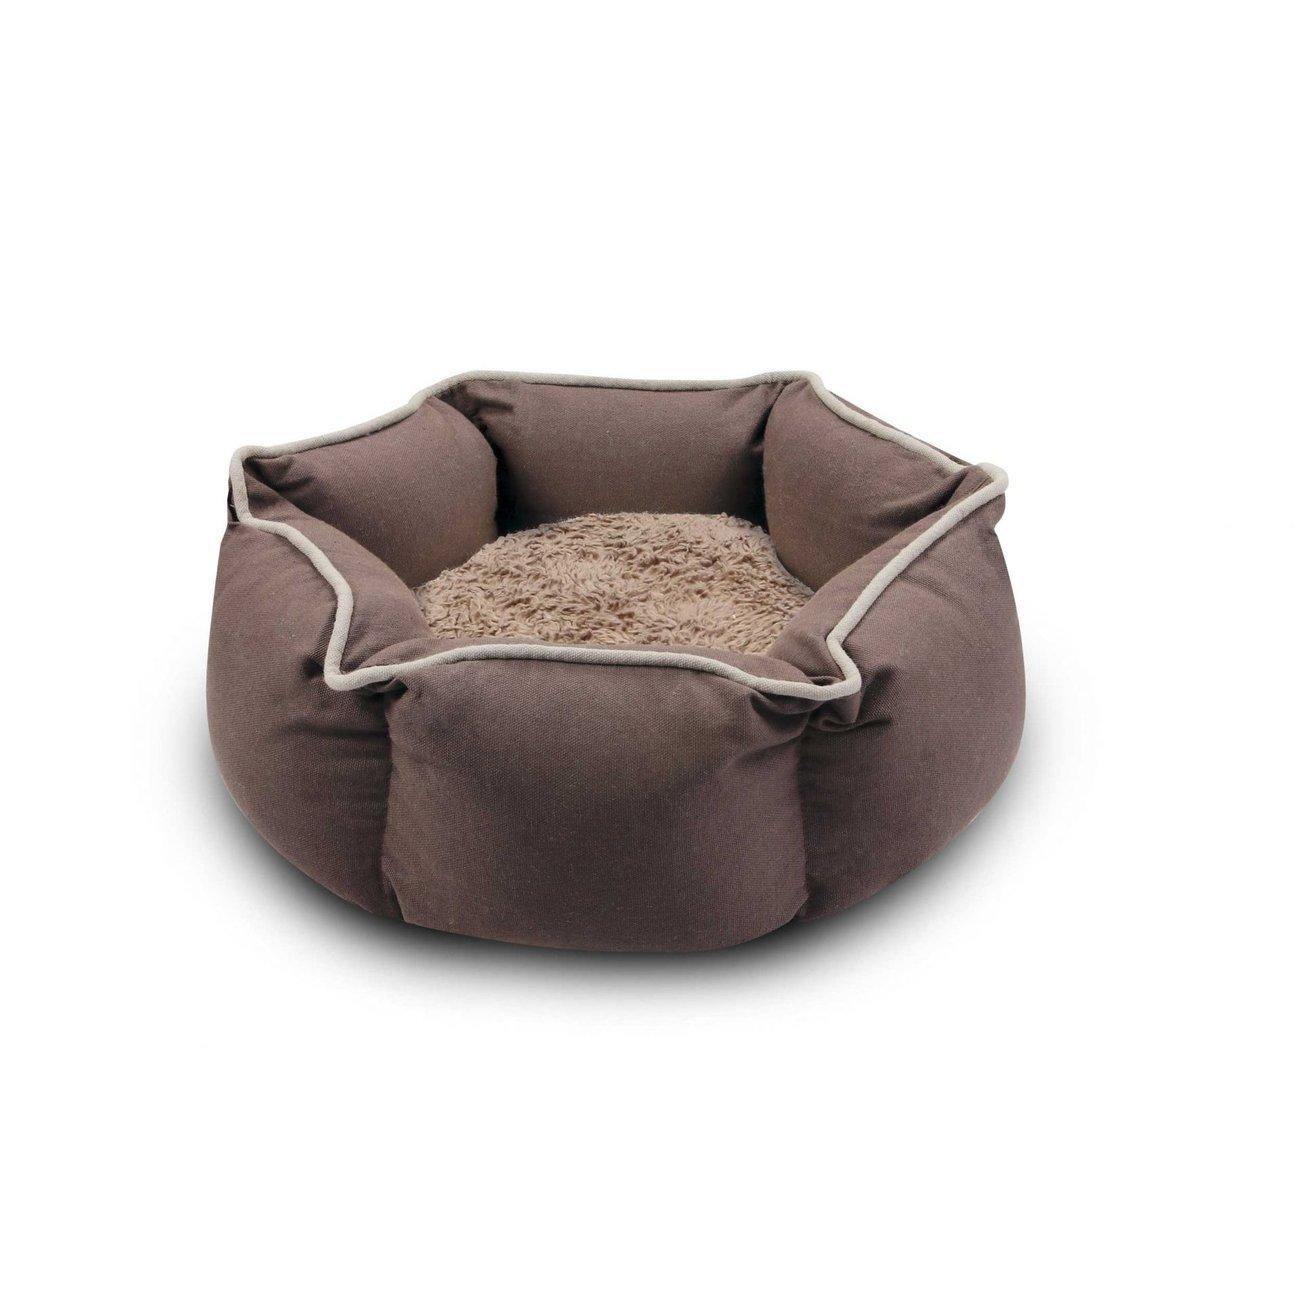 Wolters Eco Well Hundebett und Katzenbett, Gr. M: 40 x 40 cm, braun/beige